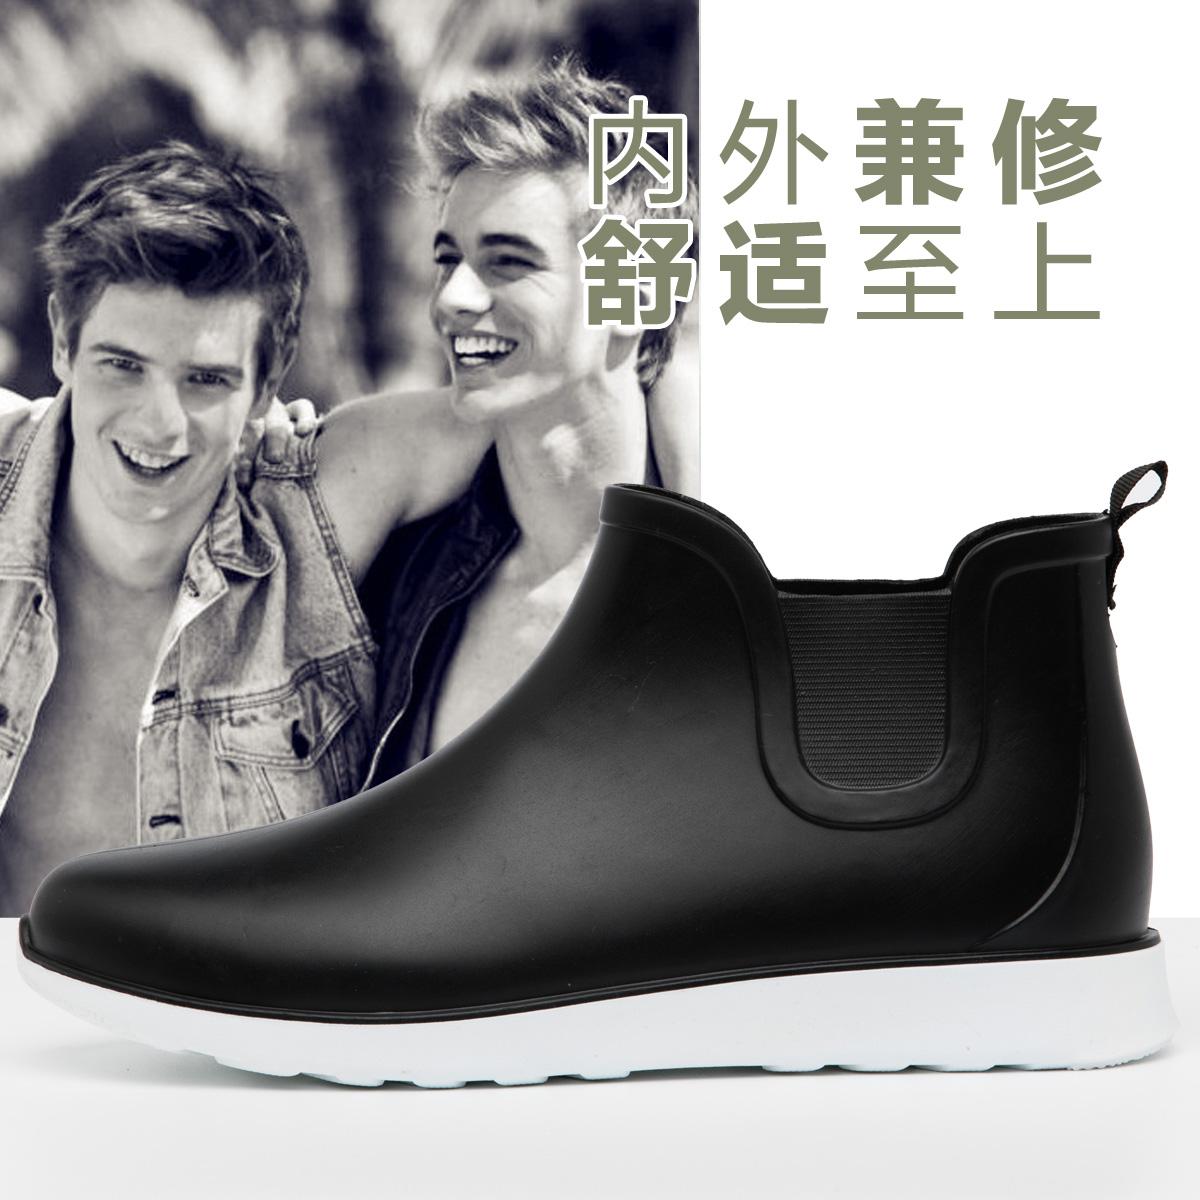 Лето сапоги рыбалка ботинок кухня вода обувной обувной короткие трубки клей обувной водонепроницаемый обувной скольжение сапоги мужчина мойка низкий